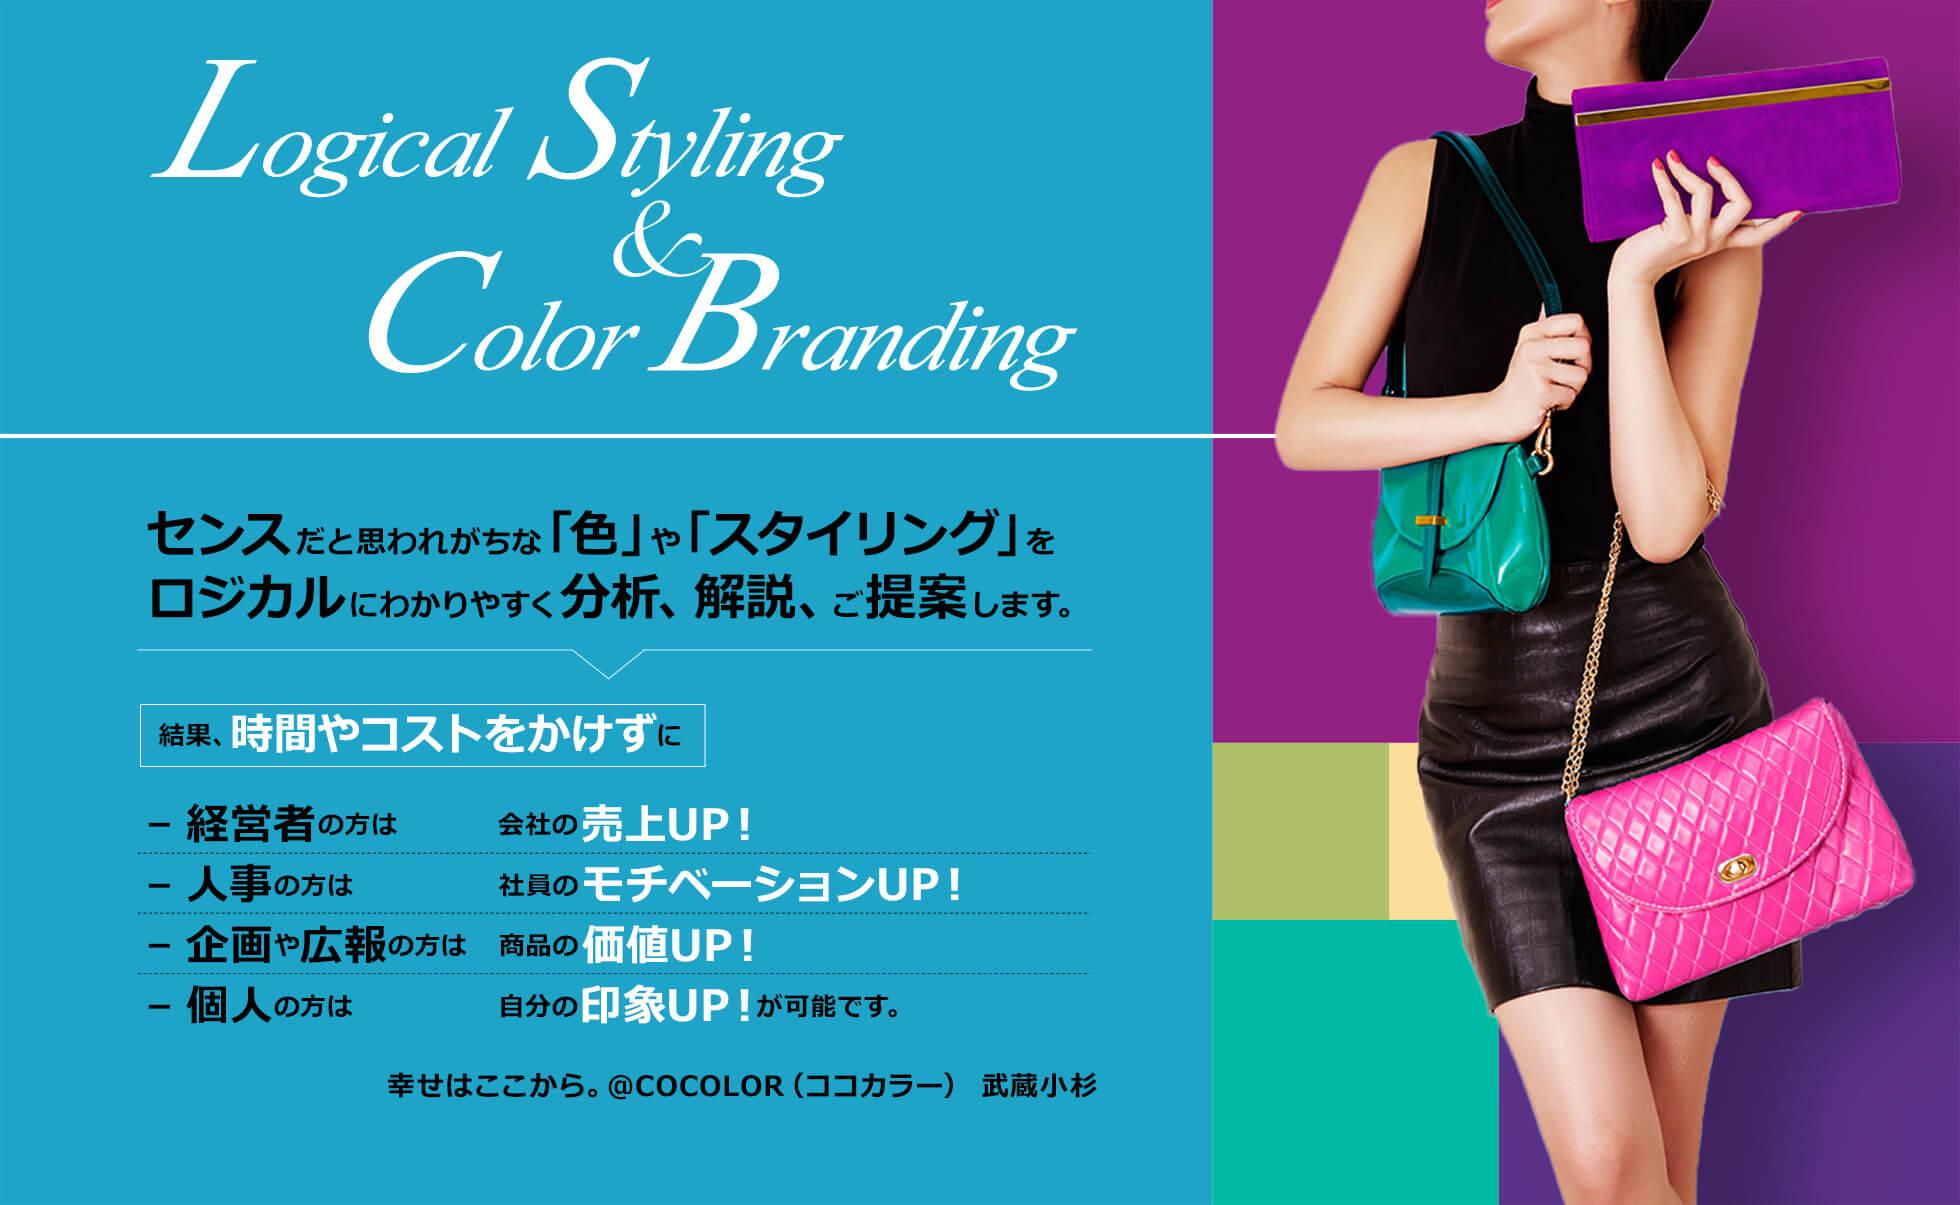 Logical Styling & Color Branding センスだと思われがちな「色」や「スタイリング」を、ロジカルにわかりやすく分析、解説、ご提案します。